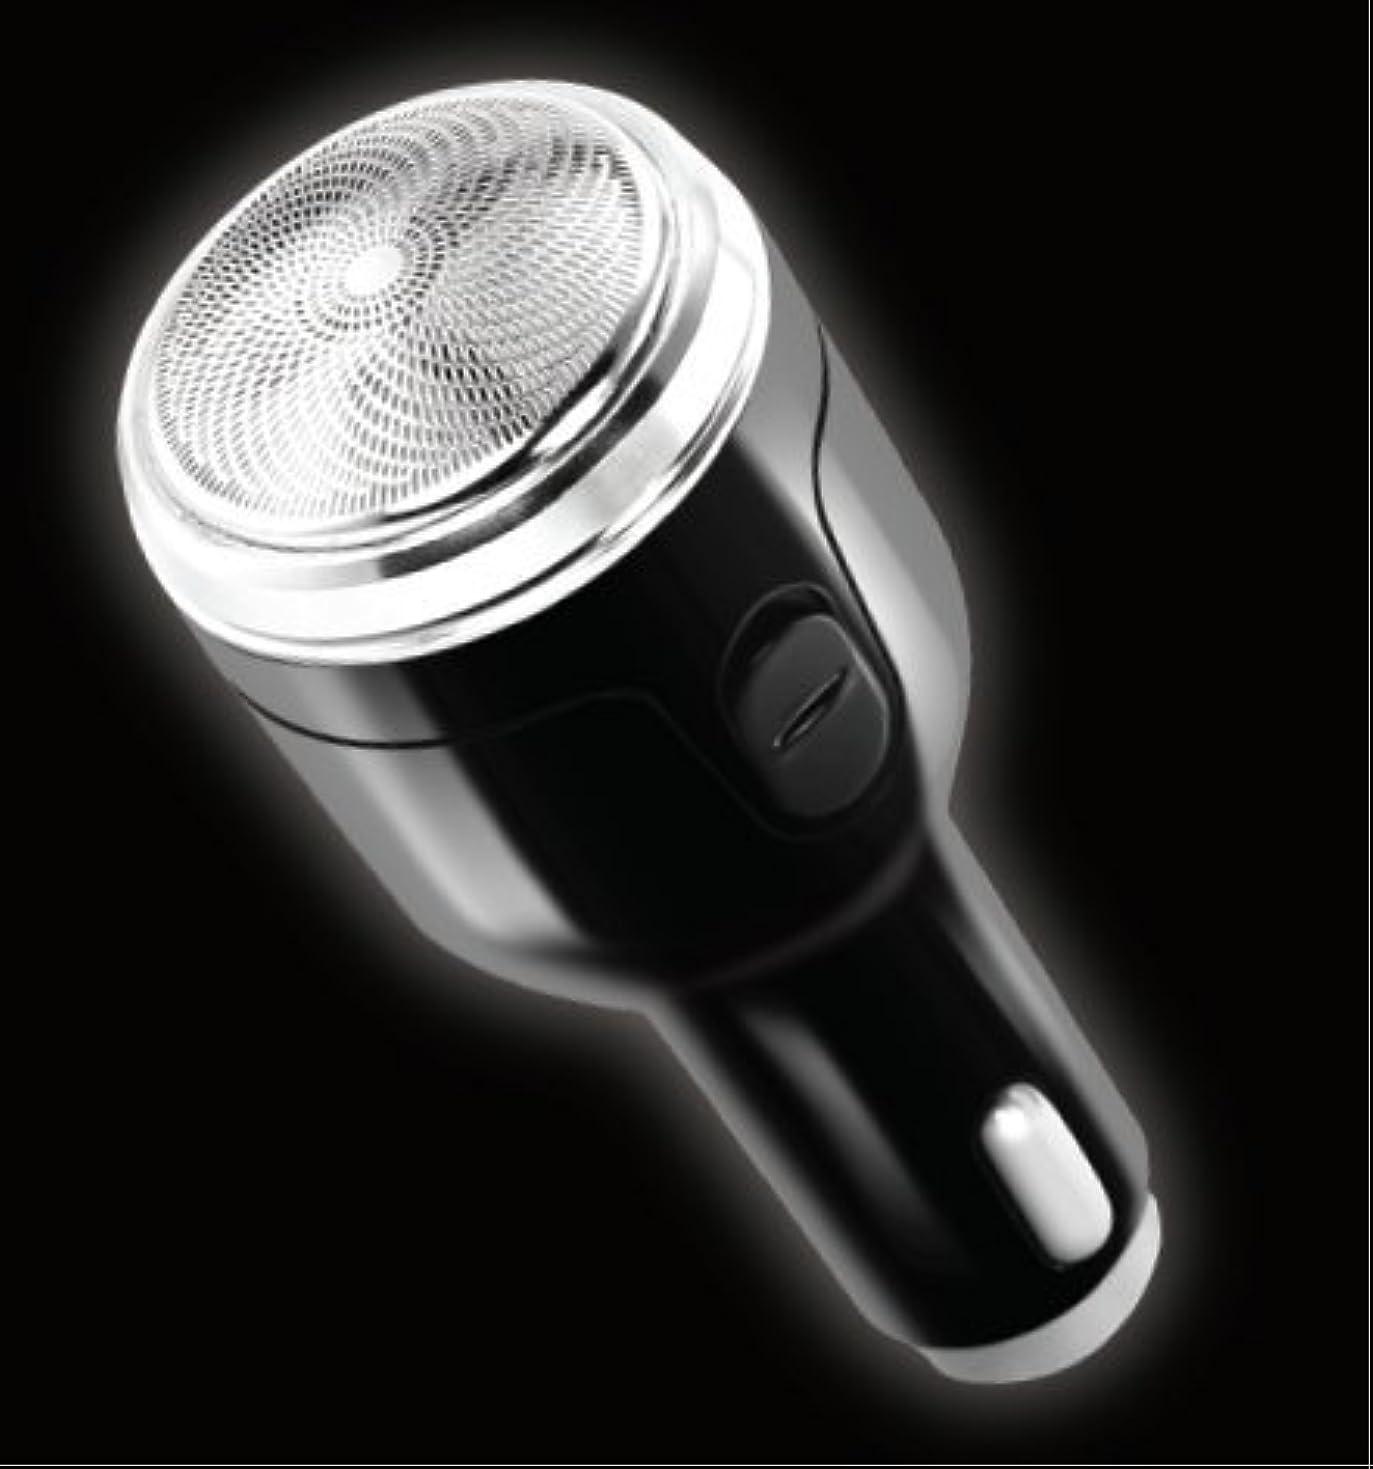 評価可能付属品スパン髭剃り 電気シェーバー 車載用 マルチシェーバー ROOMMATE 12V/24V車対応 EB-RM42H